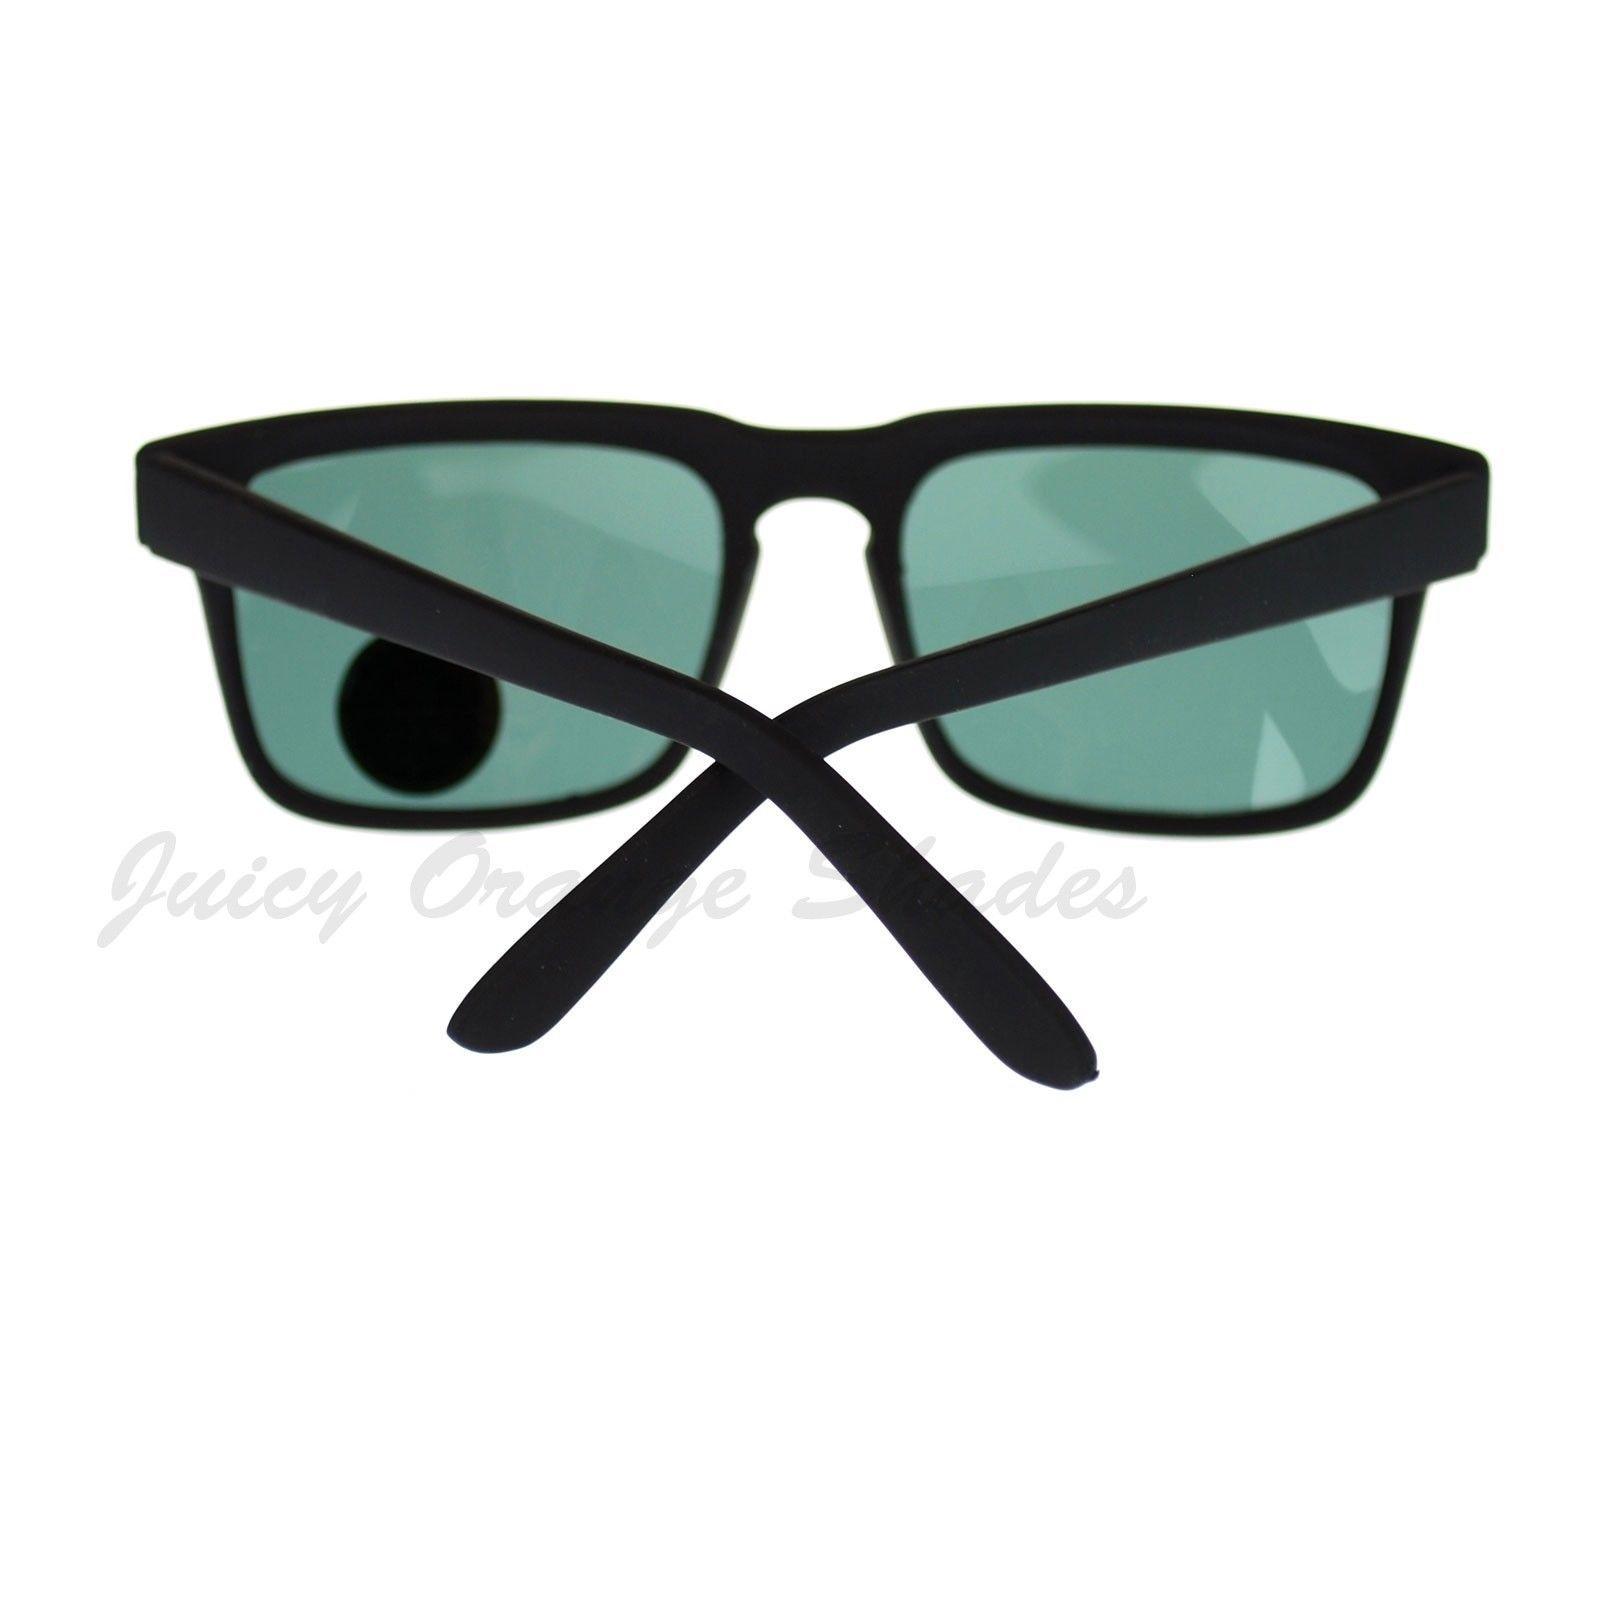 Glass Lens Sunglasses Matted Square Rectangular Frame Black